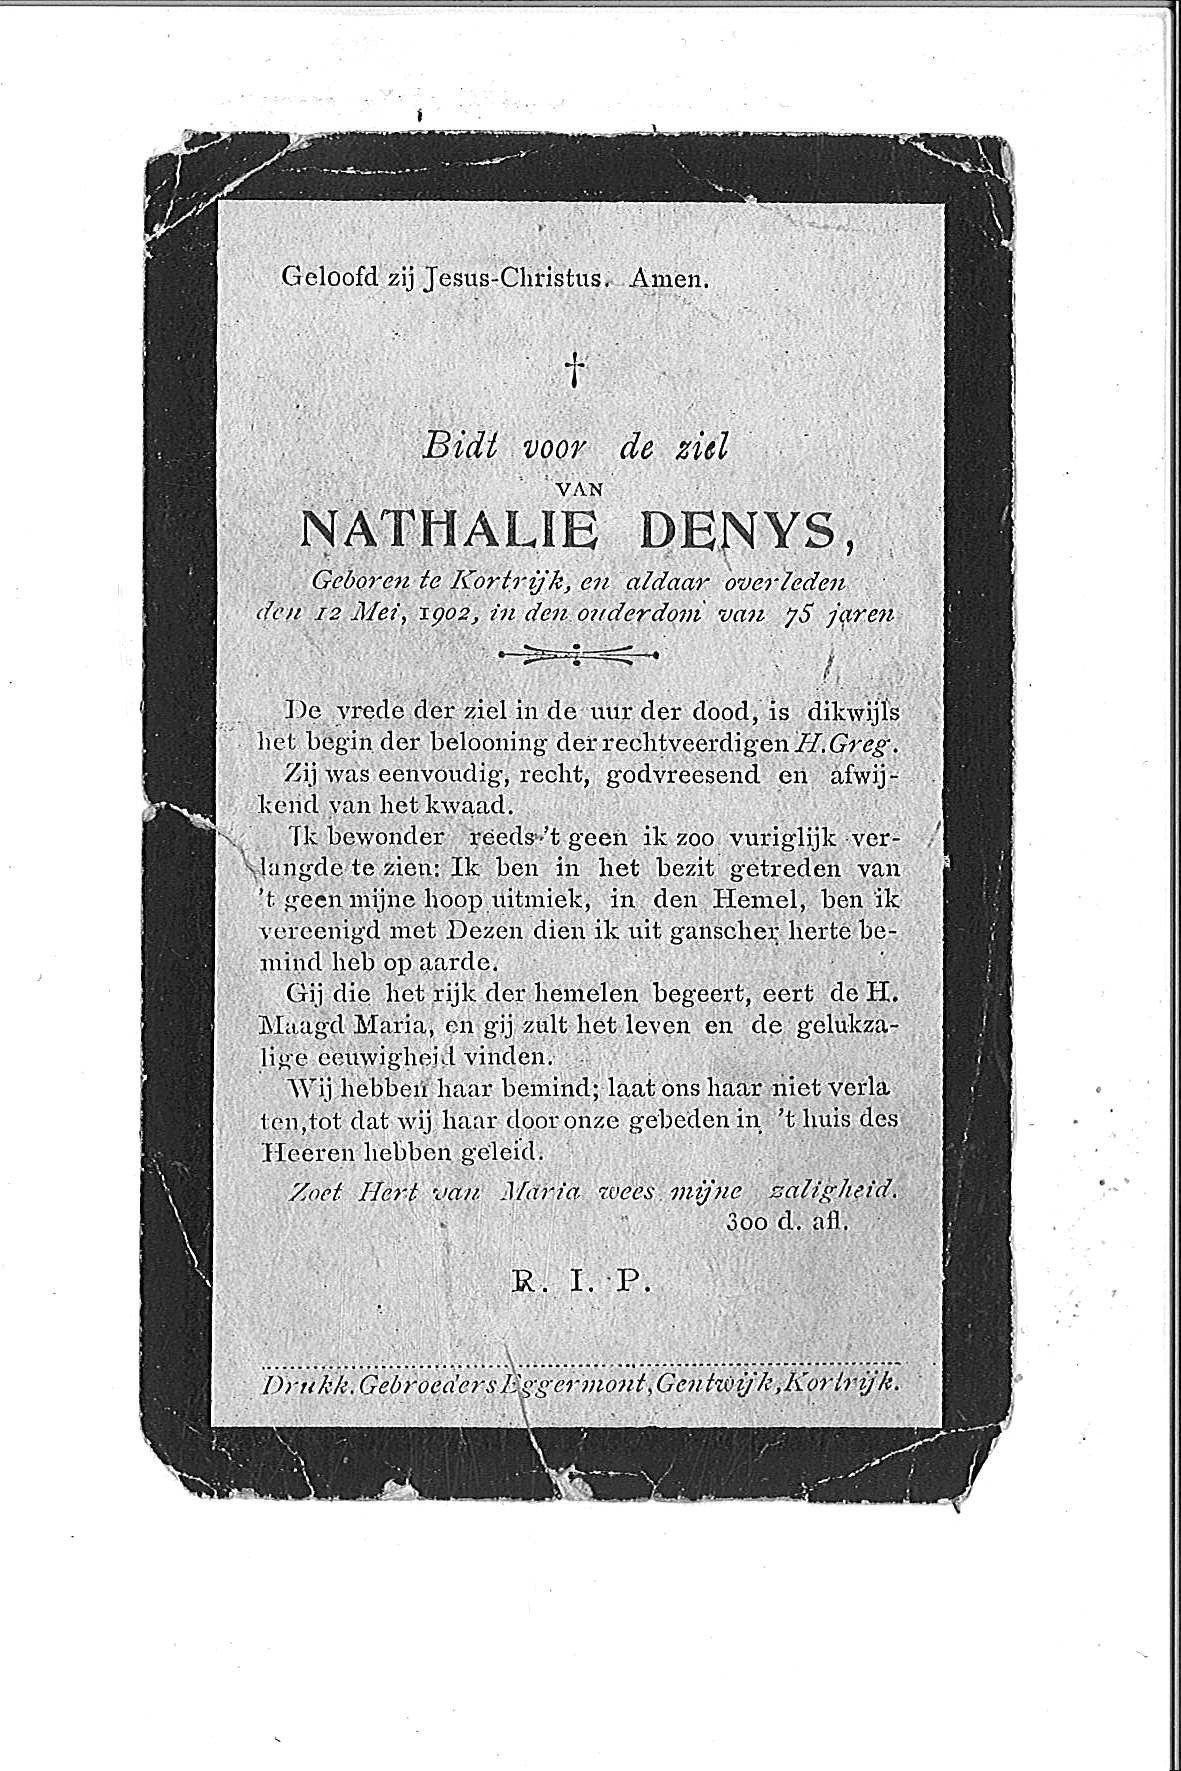 Nathalie(1902)20150415104000_00089.jpg